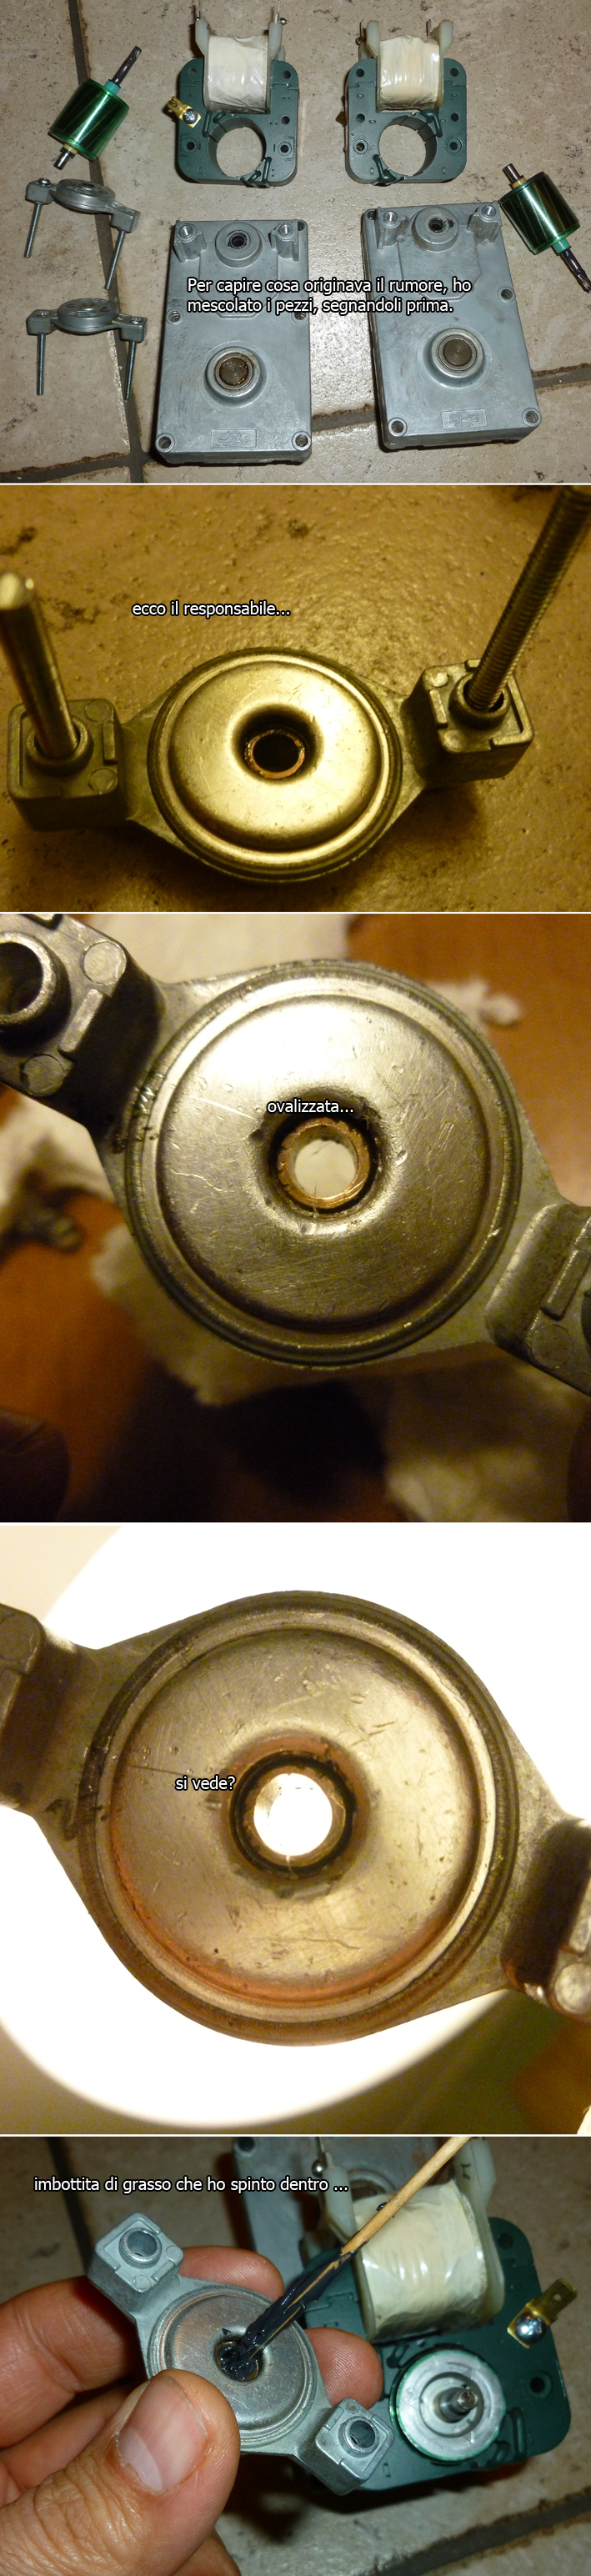 http://www.energialternativa.info/public/newforum/ForumEA/A/bronz%20motorr.jpg